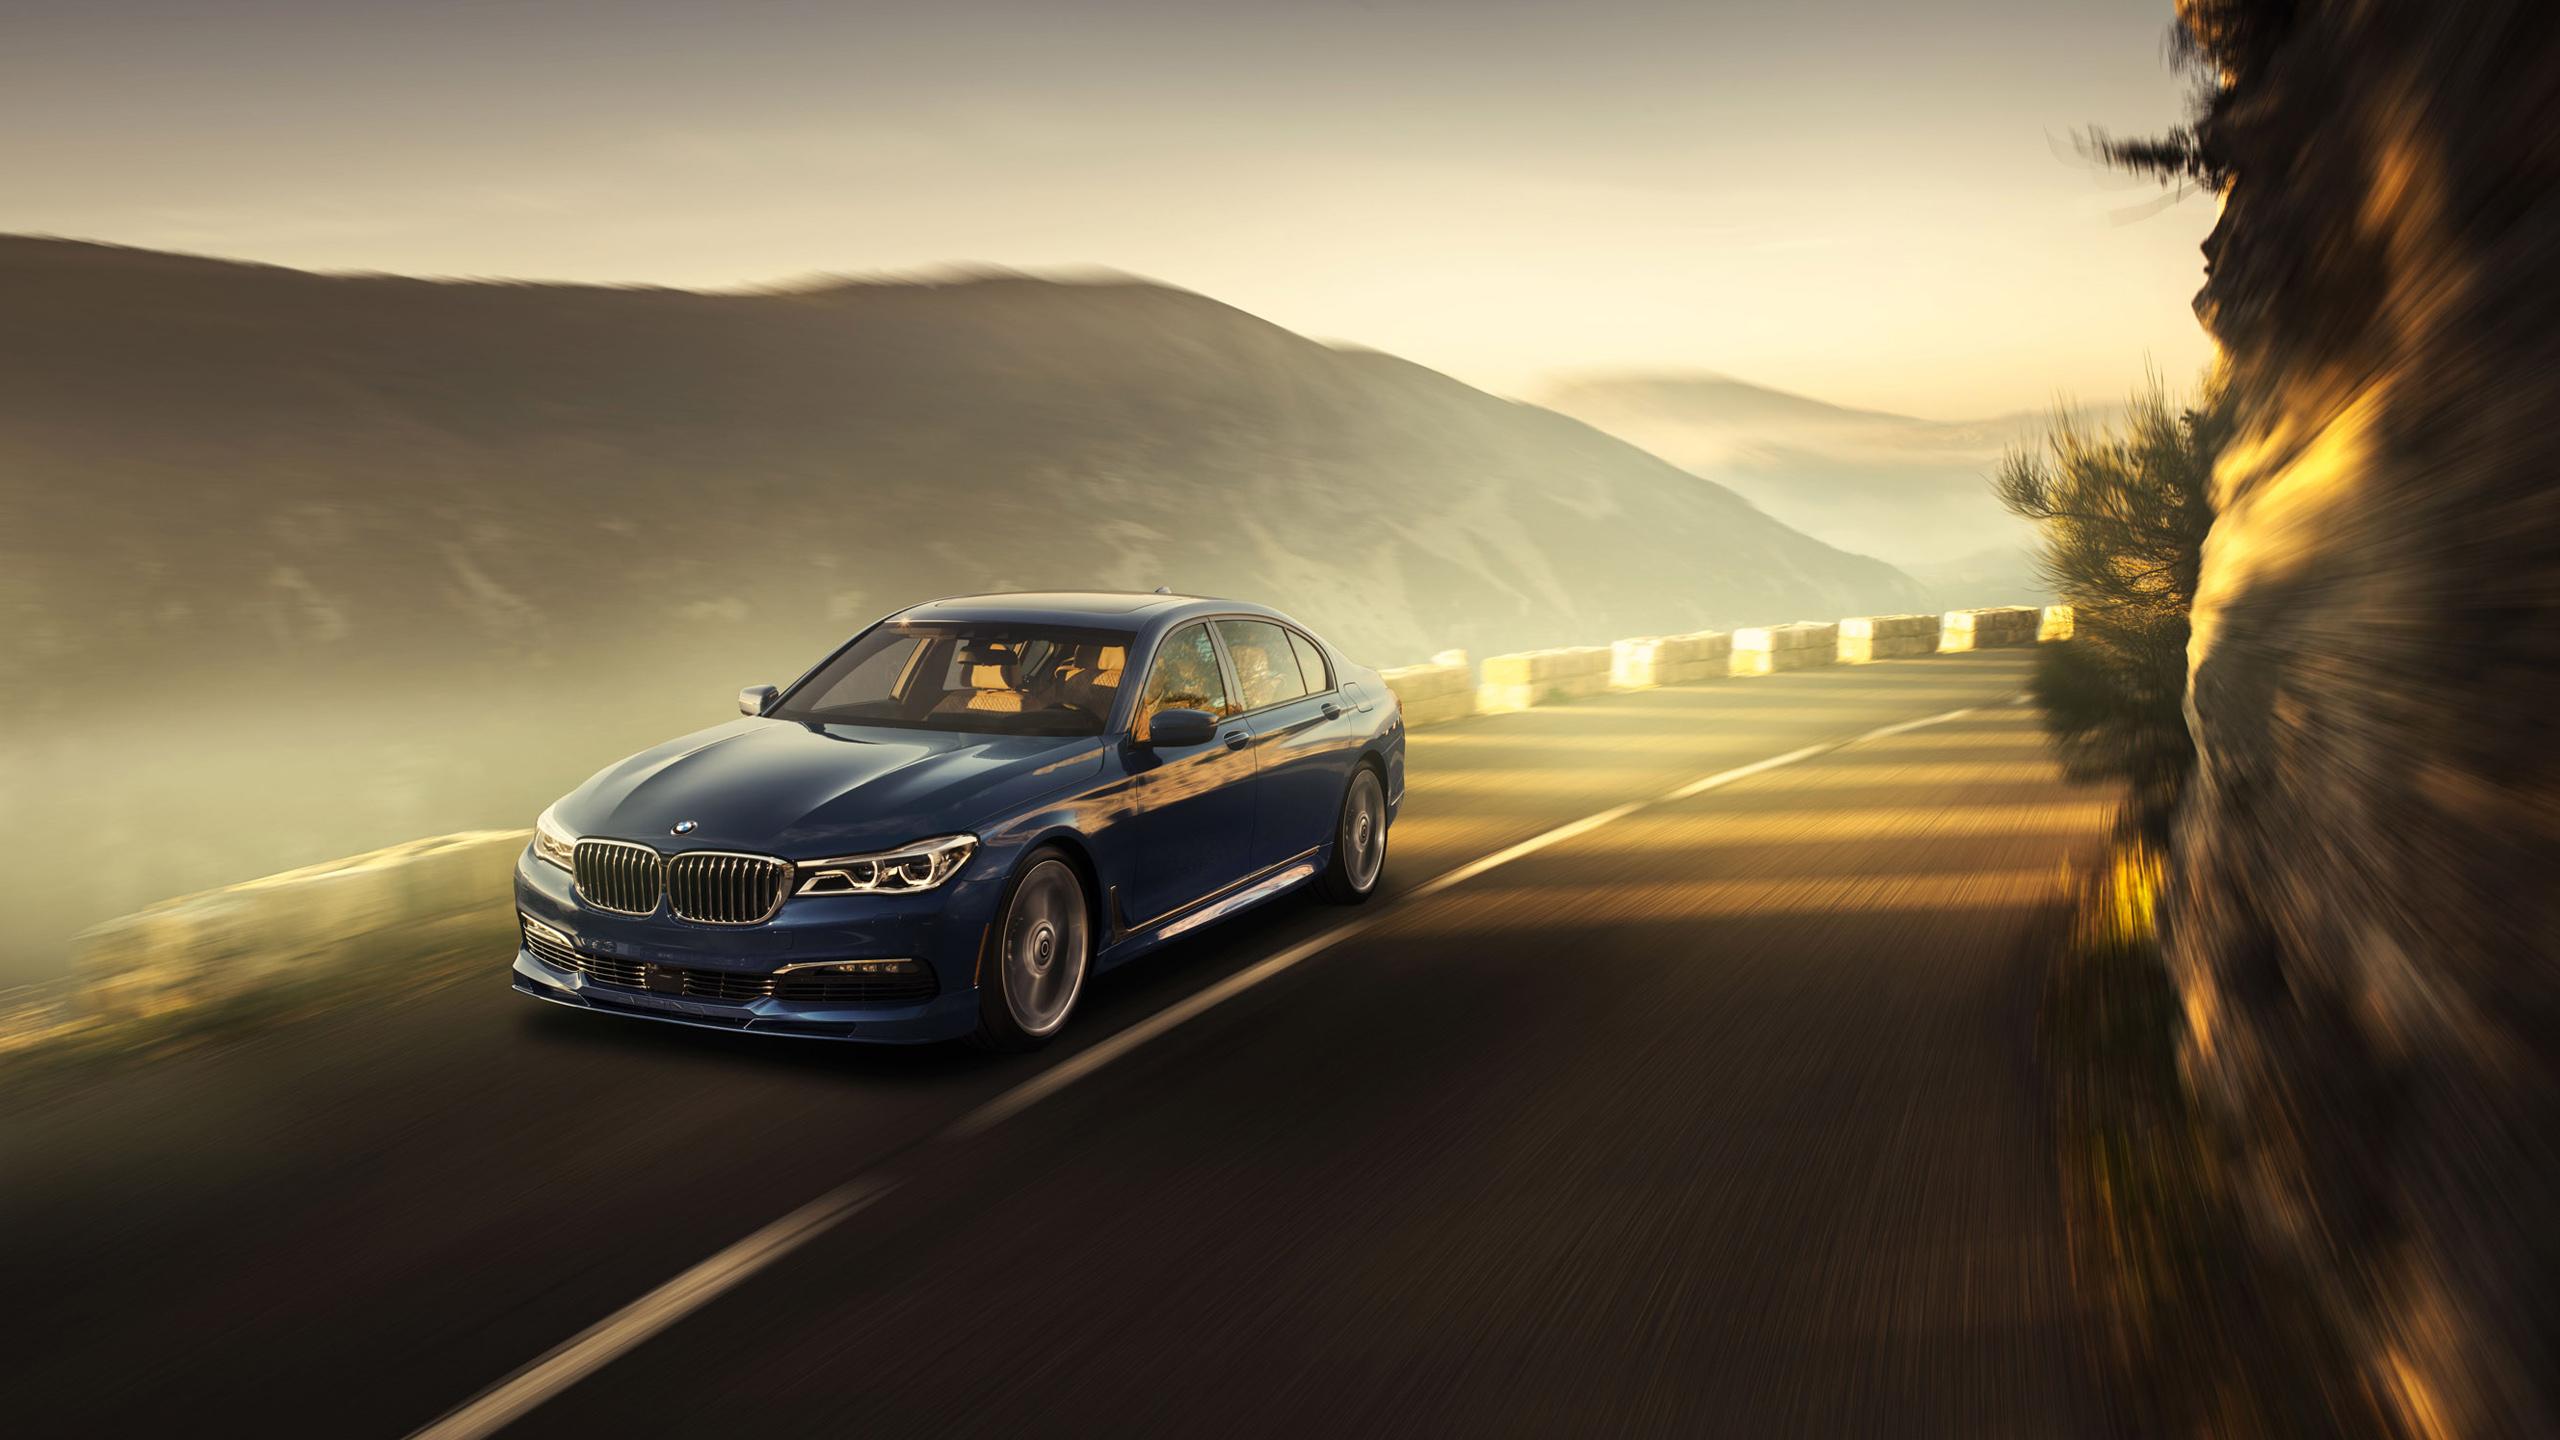 2016 BMW Alpina B7 xDrive Wallpaper HD Car Wallpapers ID 6161 2560x1440